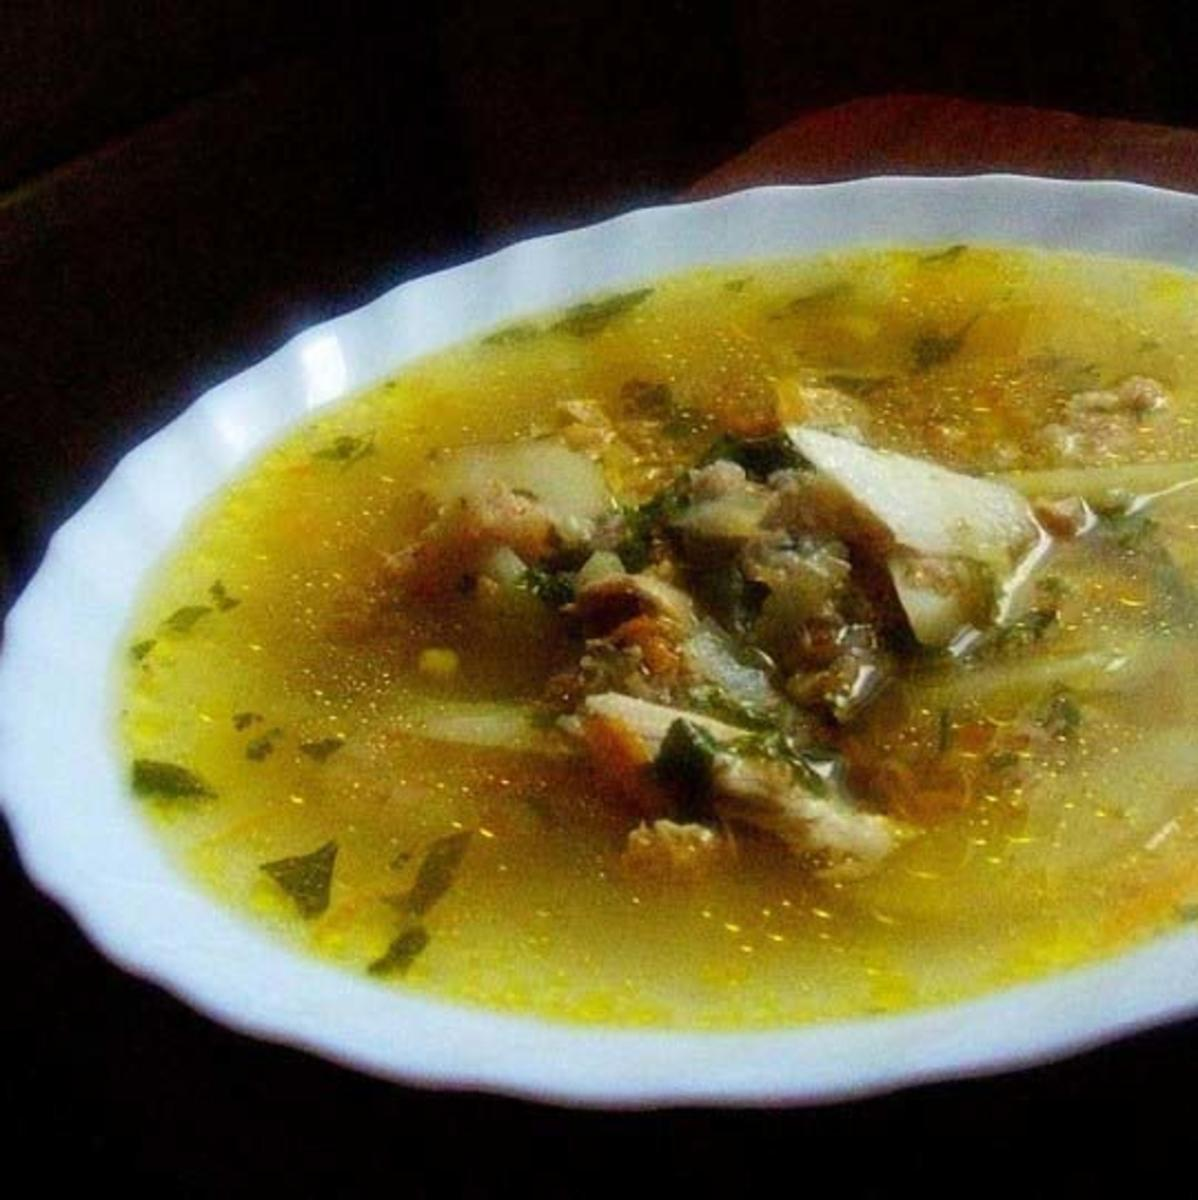 вот неожиданно суп из пшеничной крупы с фото тяжелее дерево тем